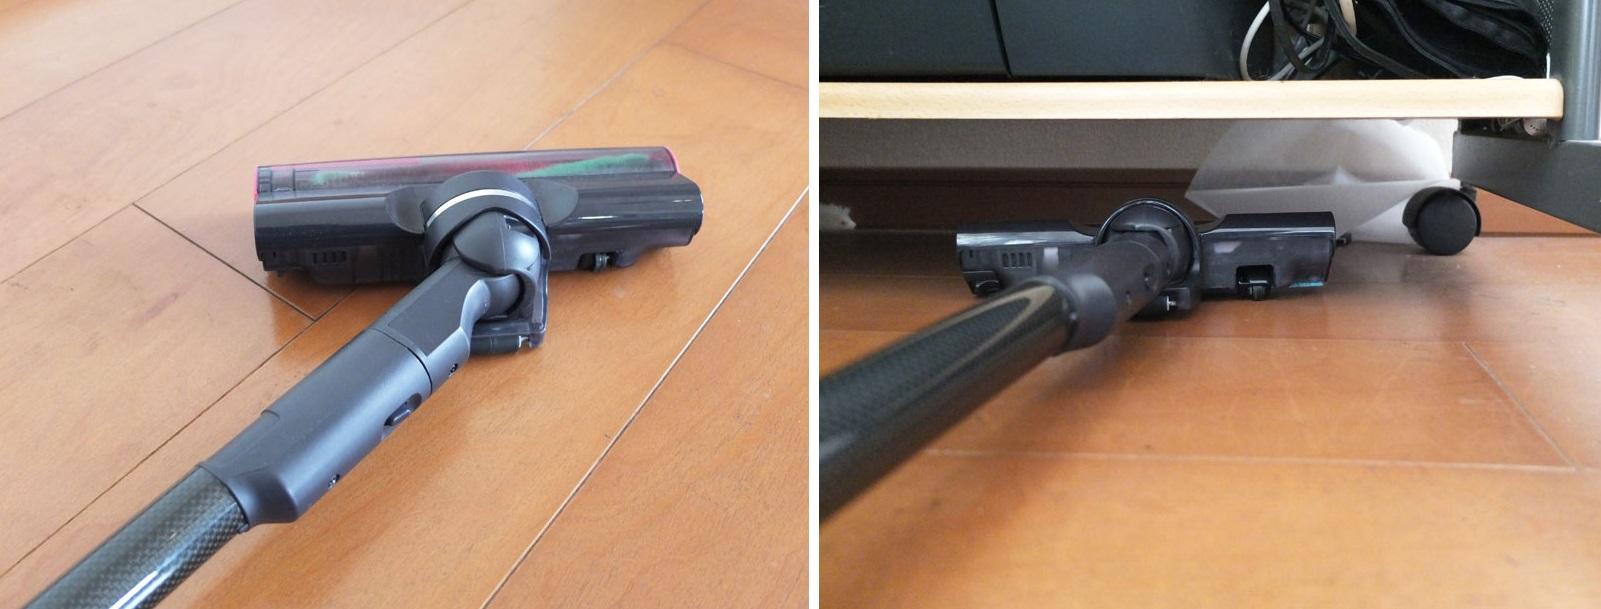 ↑ヘッドと延長パイプのジョイント部の可動域は広く、左右90°ずつ回転(写真左)、高さ10.5cmのPCデスクの下も余裕で掃除できます(写真右)